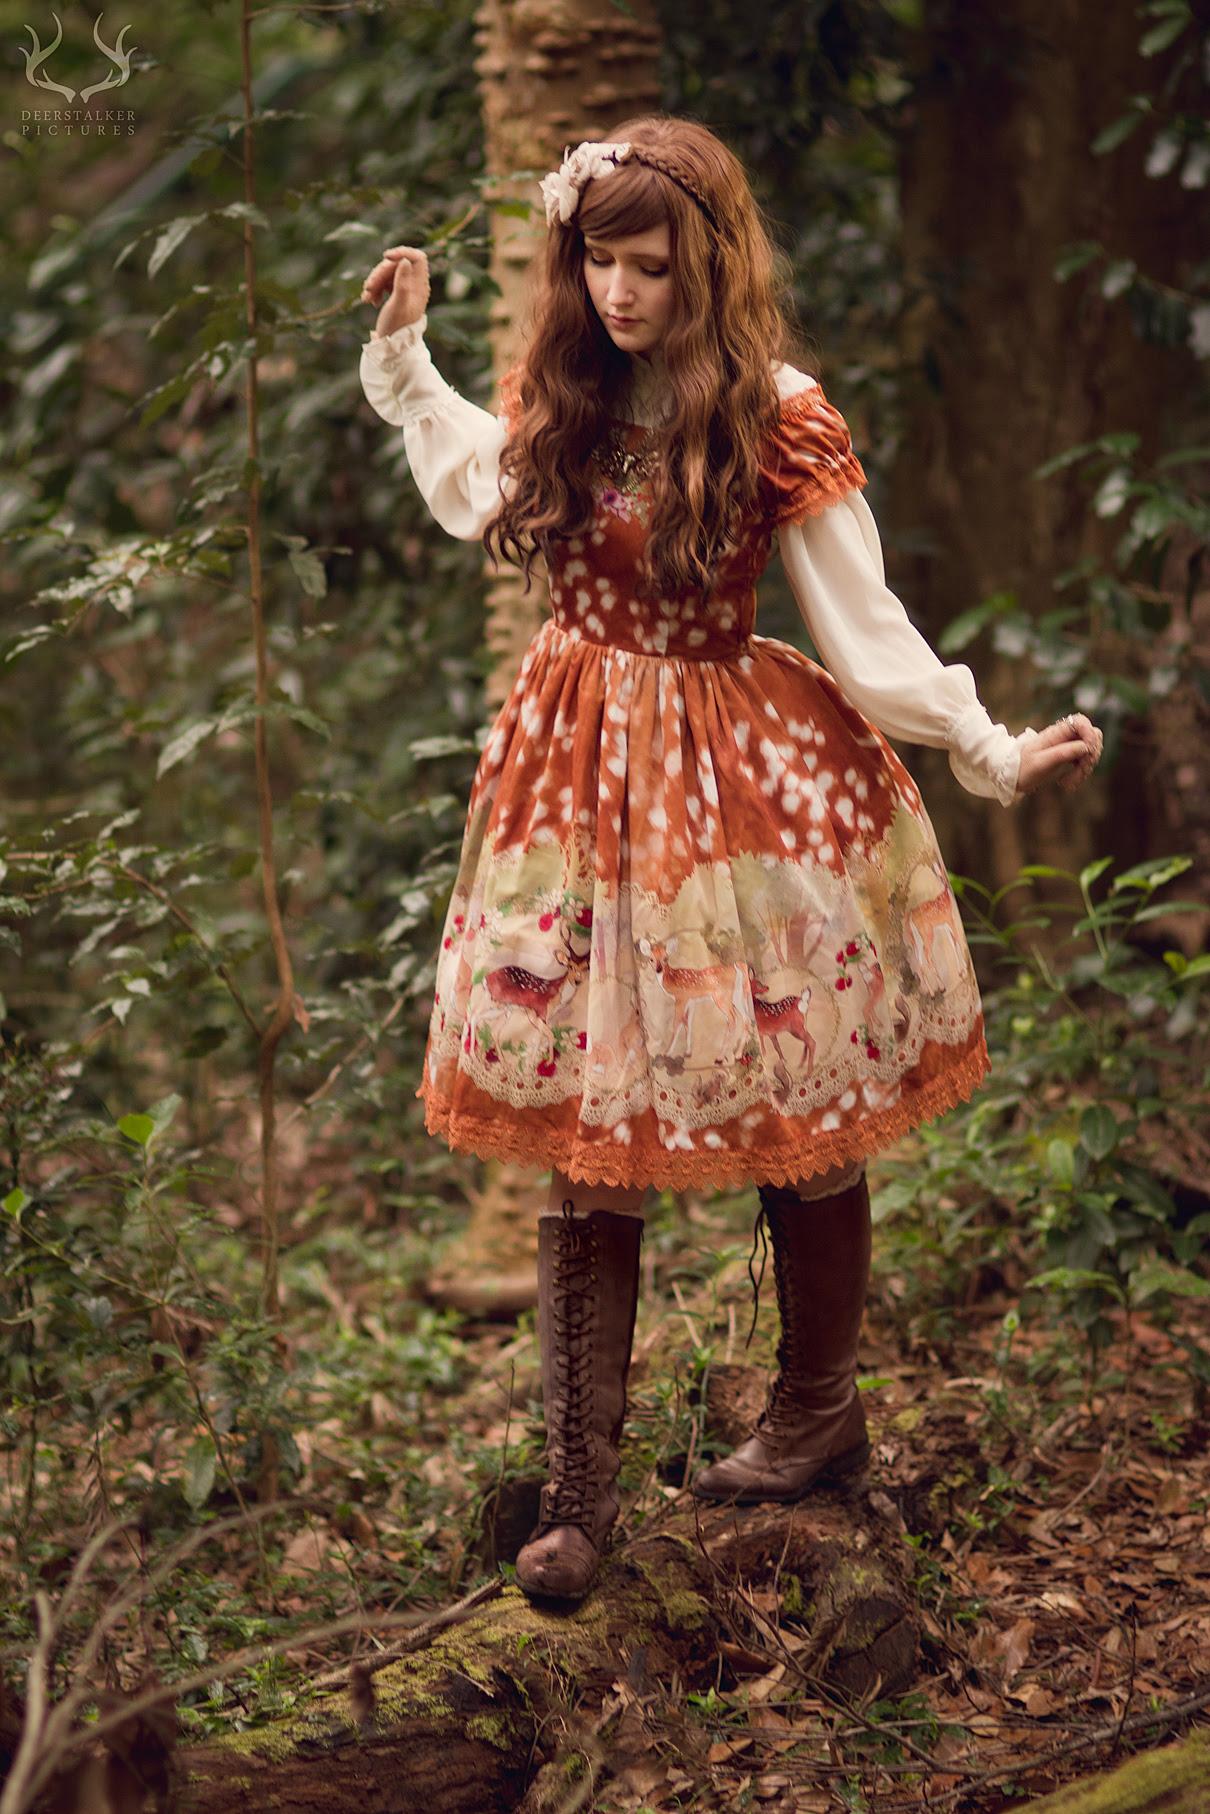 Haenuli - Enchanted Fawn series JSK - Deerstalker